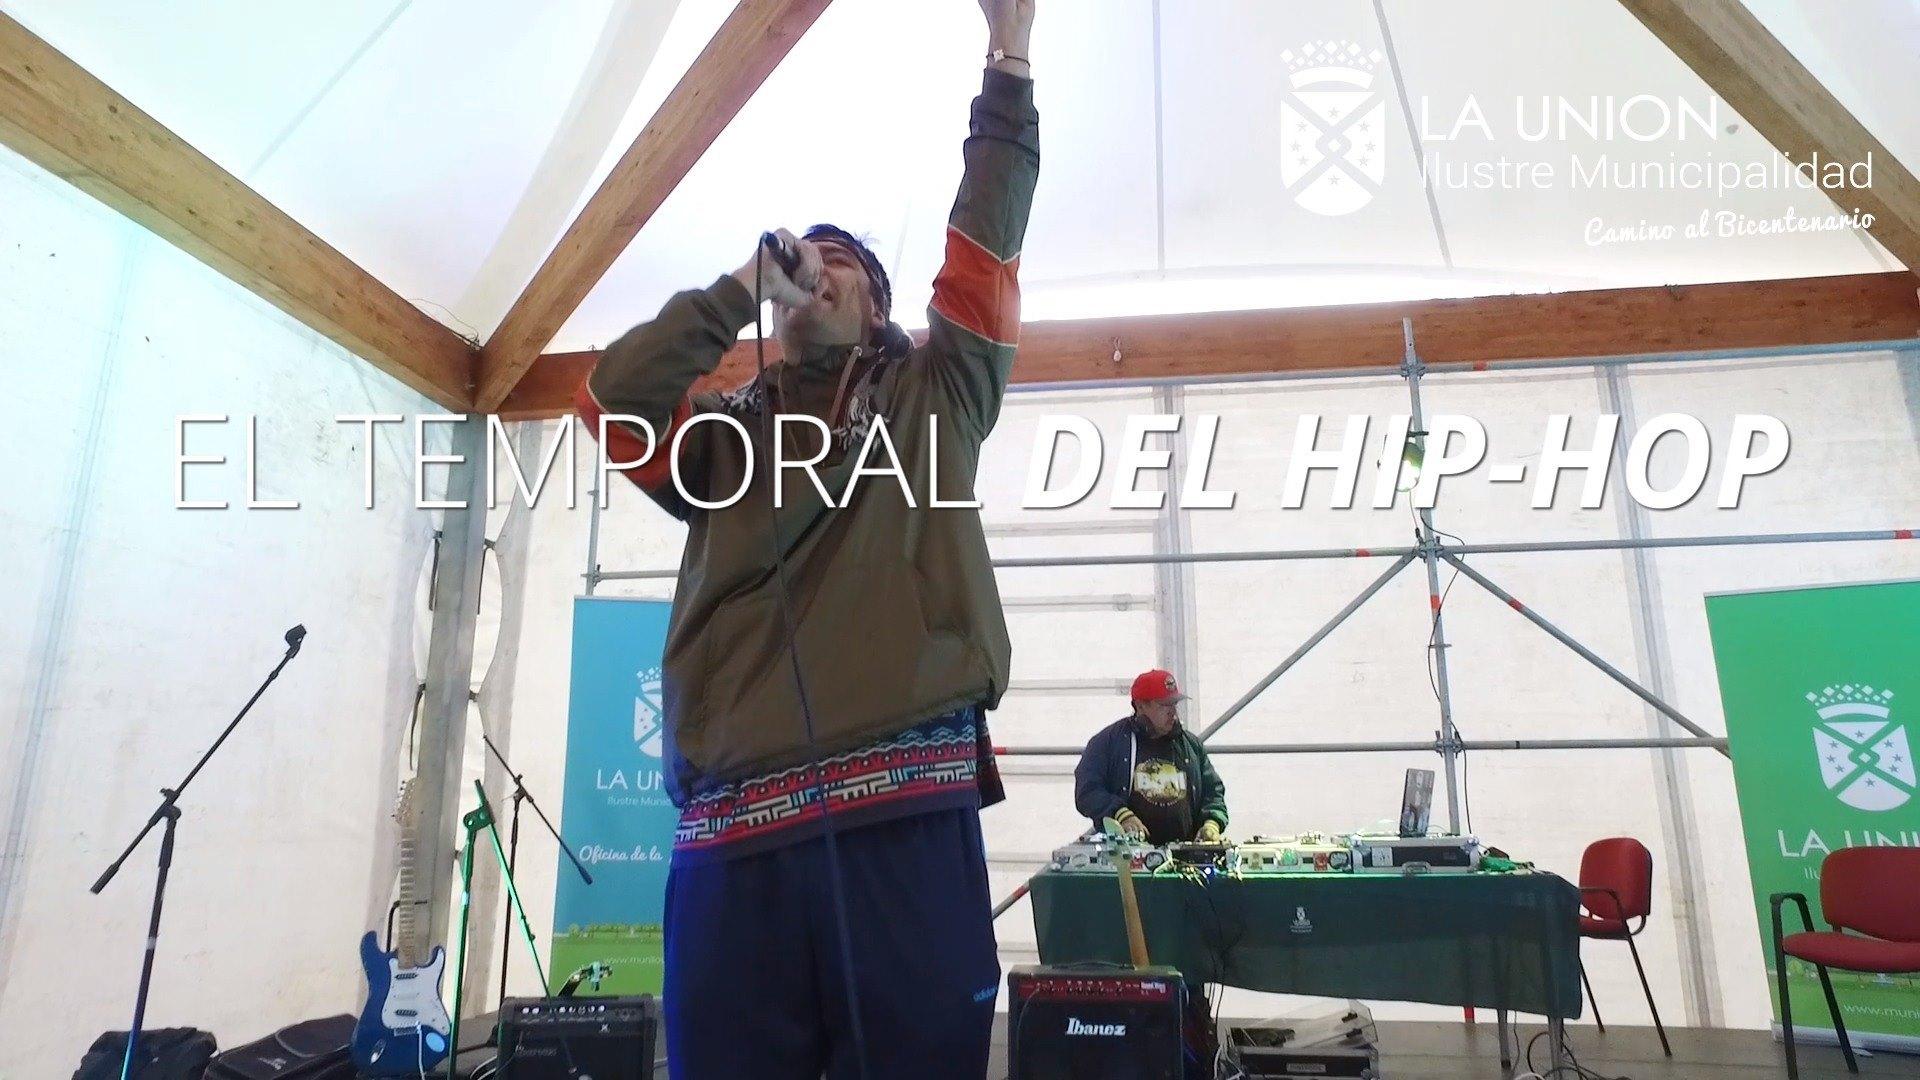 El TEMPORAL DEL HIP HOP 2019